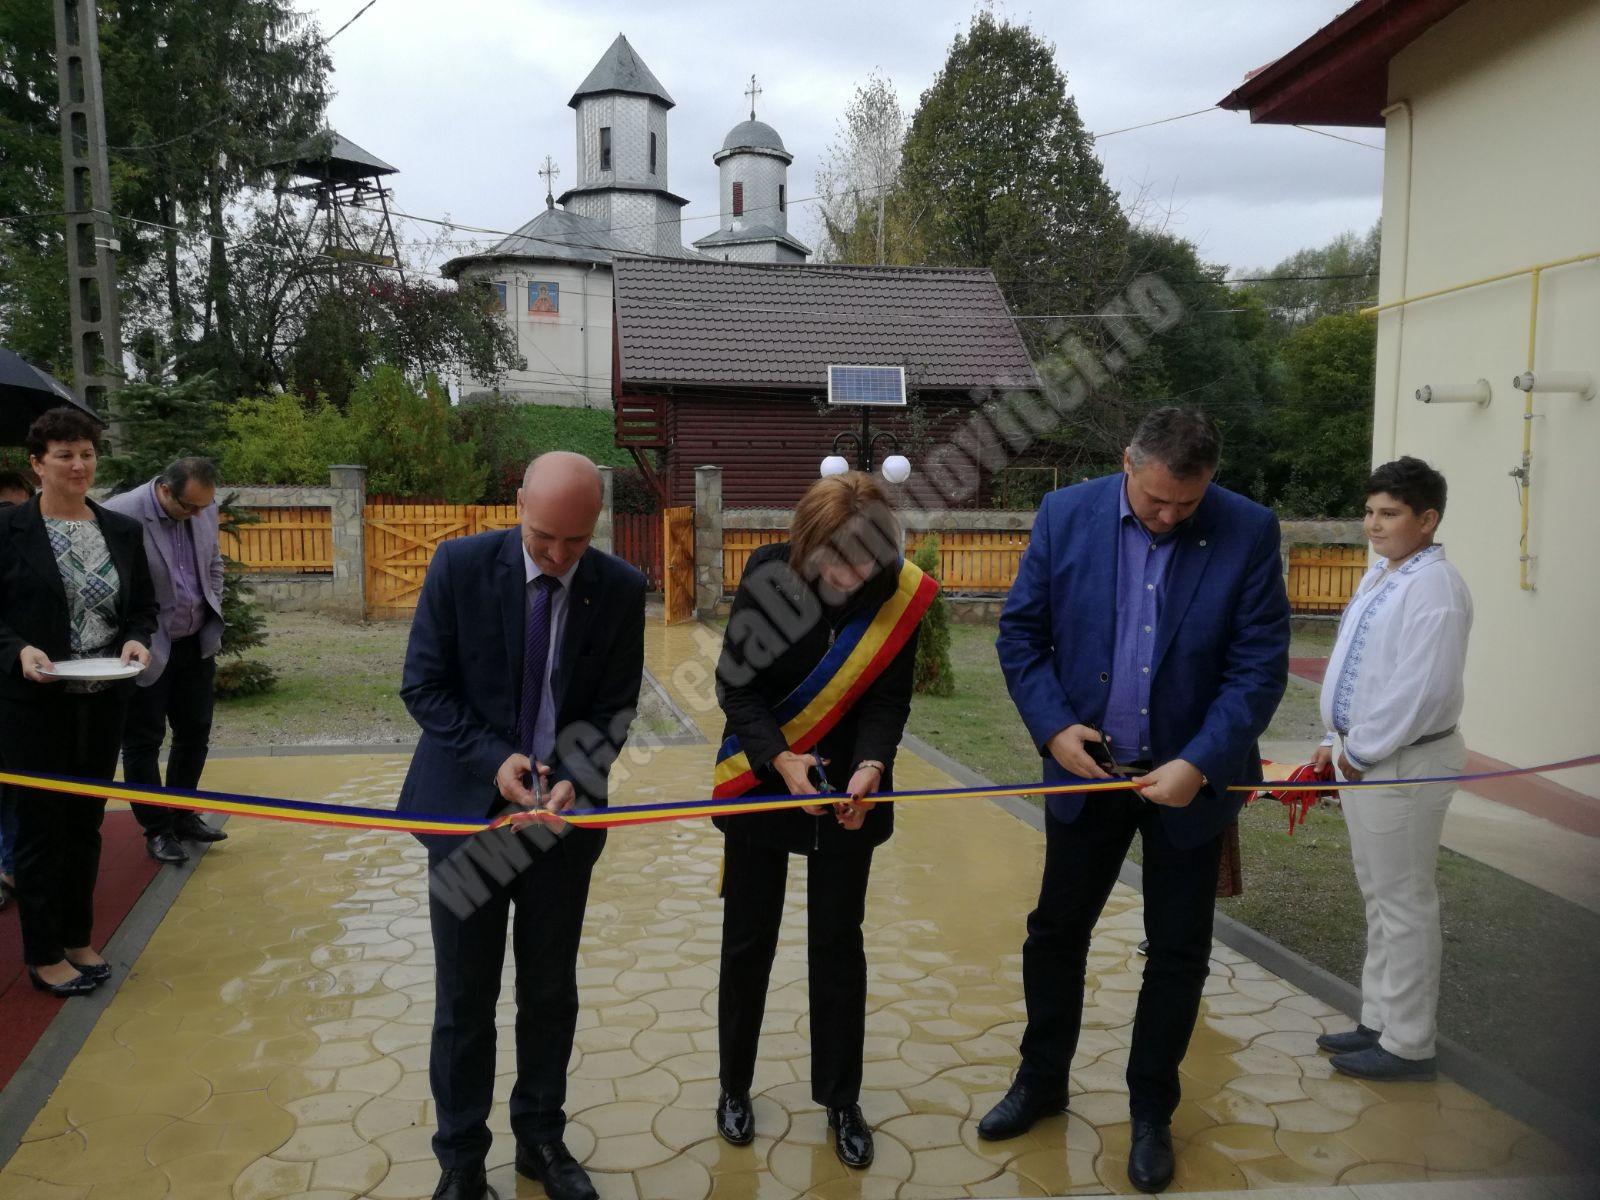 O nouă investiție! Grădiniță reabilitată la standarde europene la Bezdead